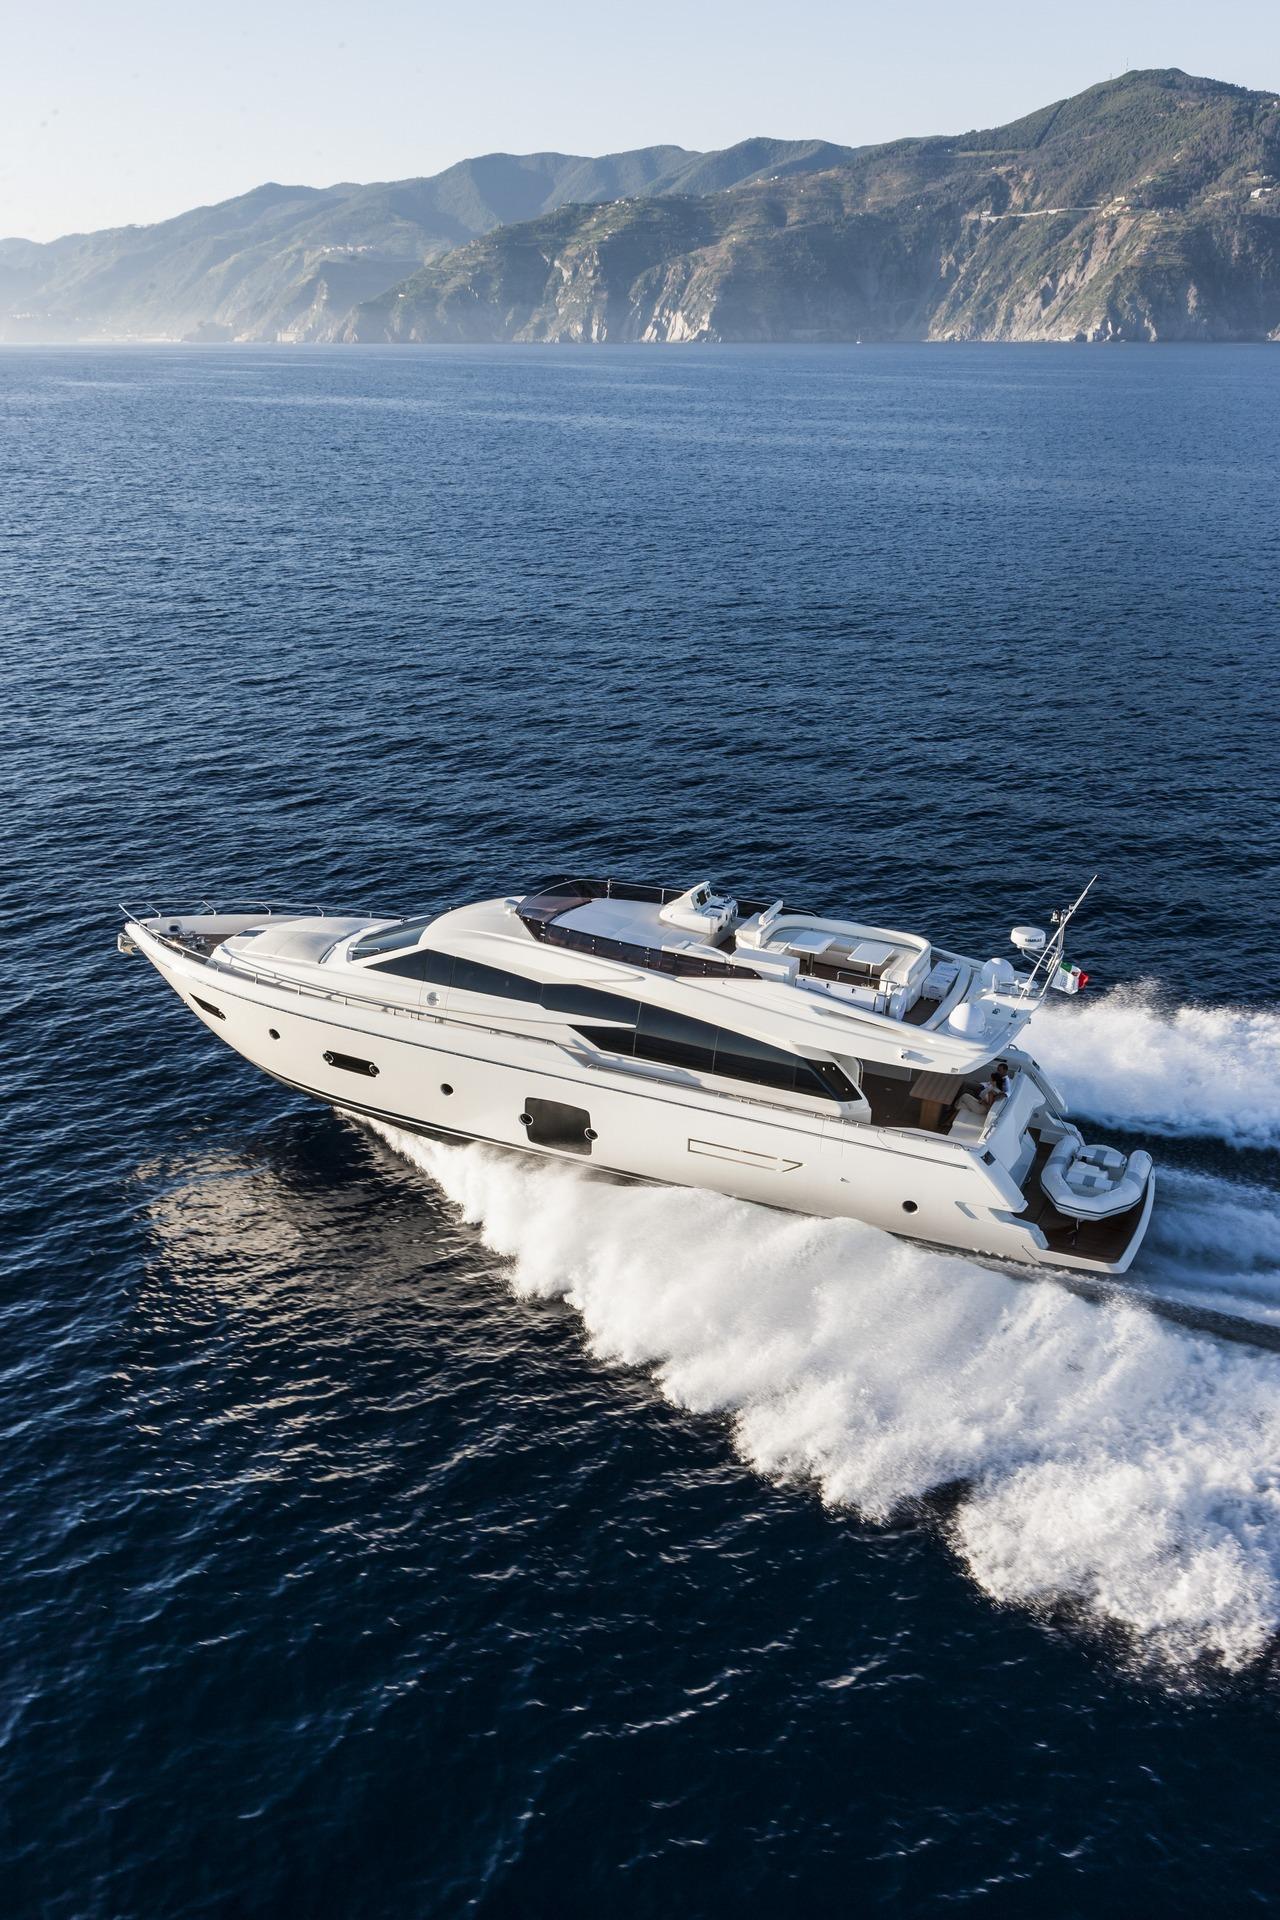 ferretti-yacht-750_Cannes_2013_40-100